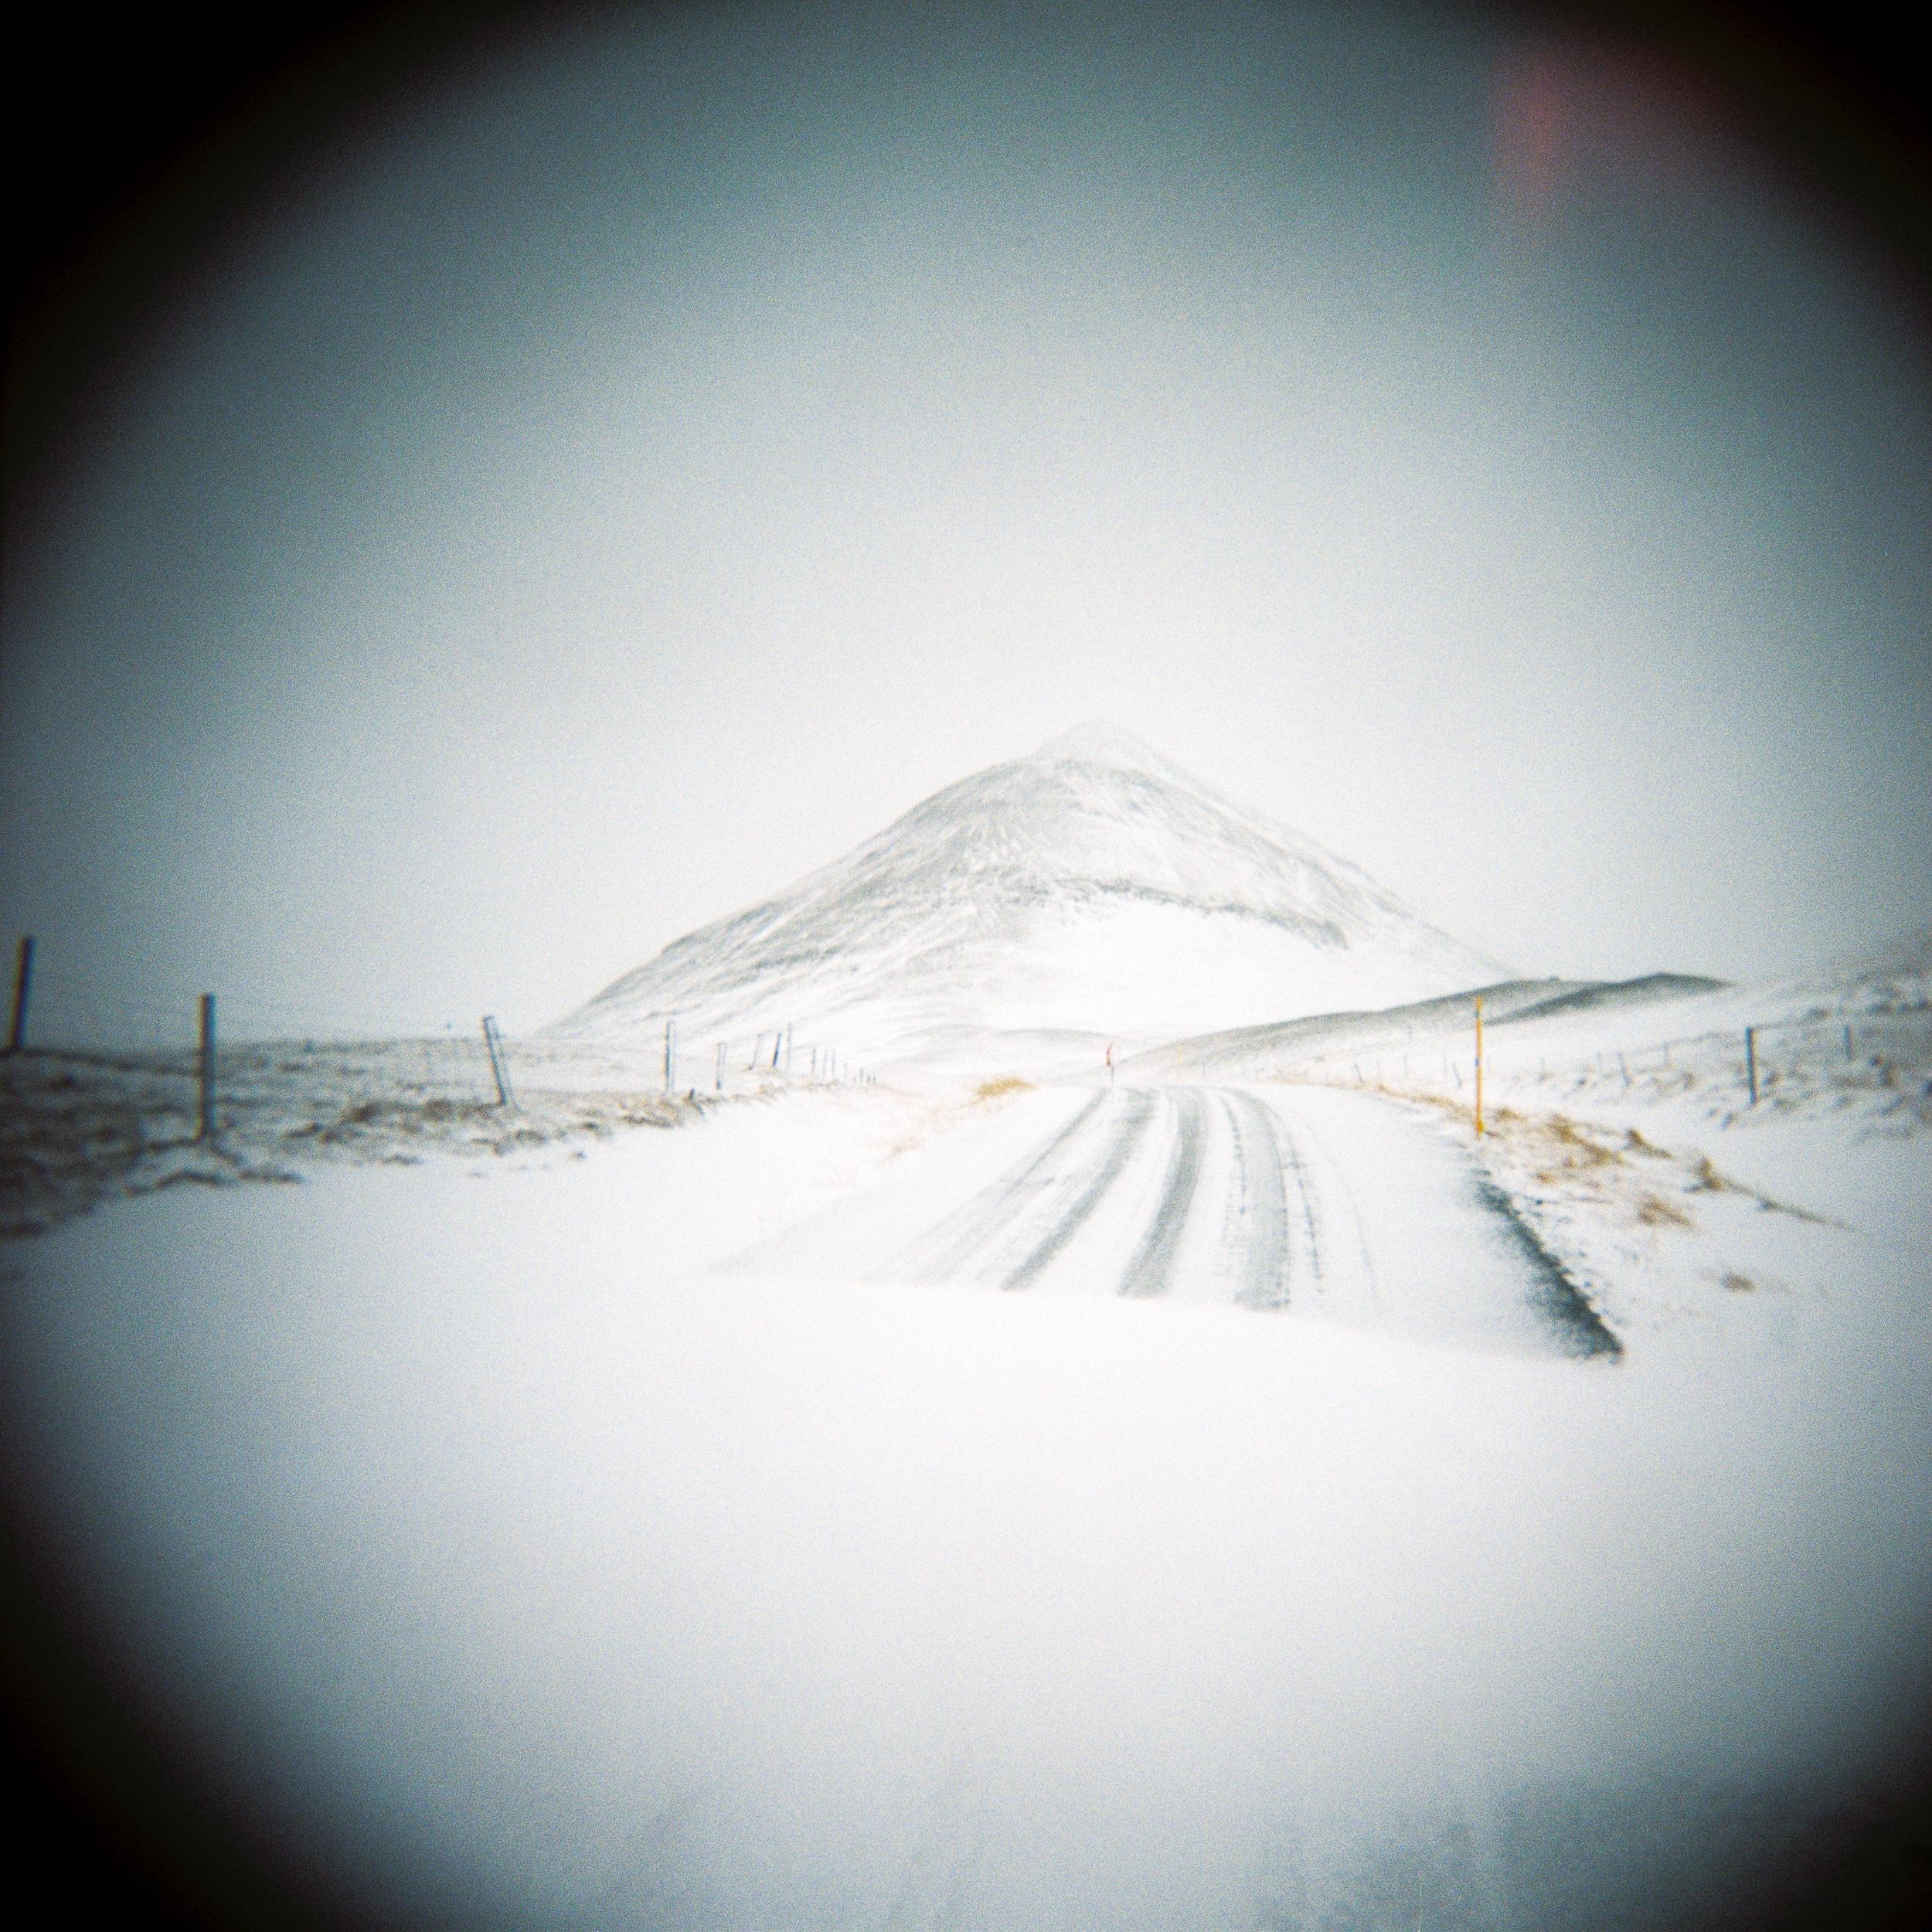 Holga Snow-6.jpg